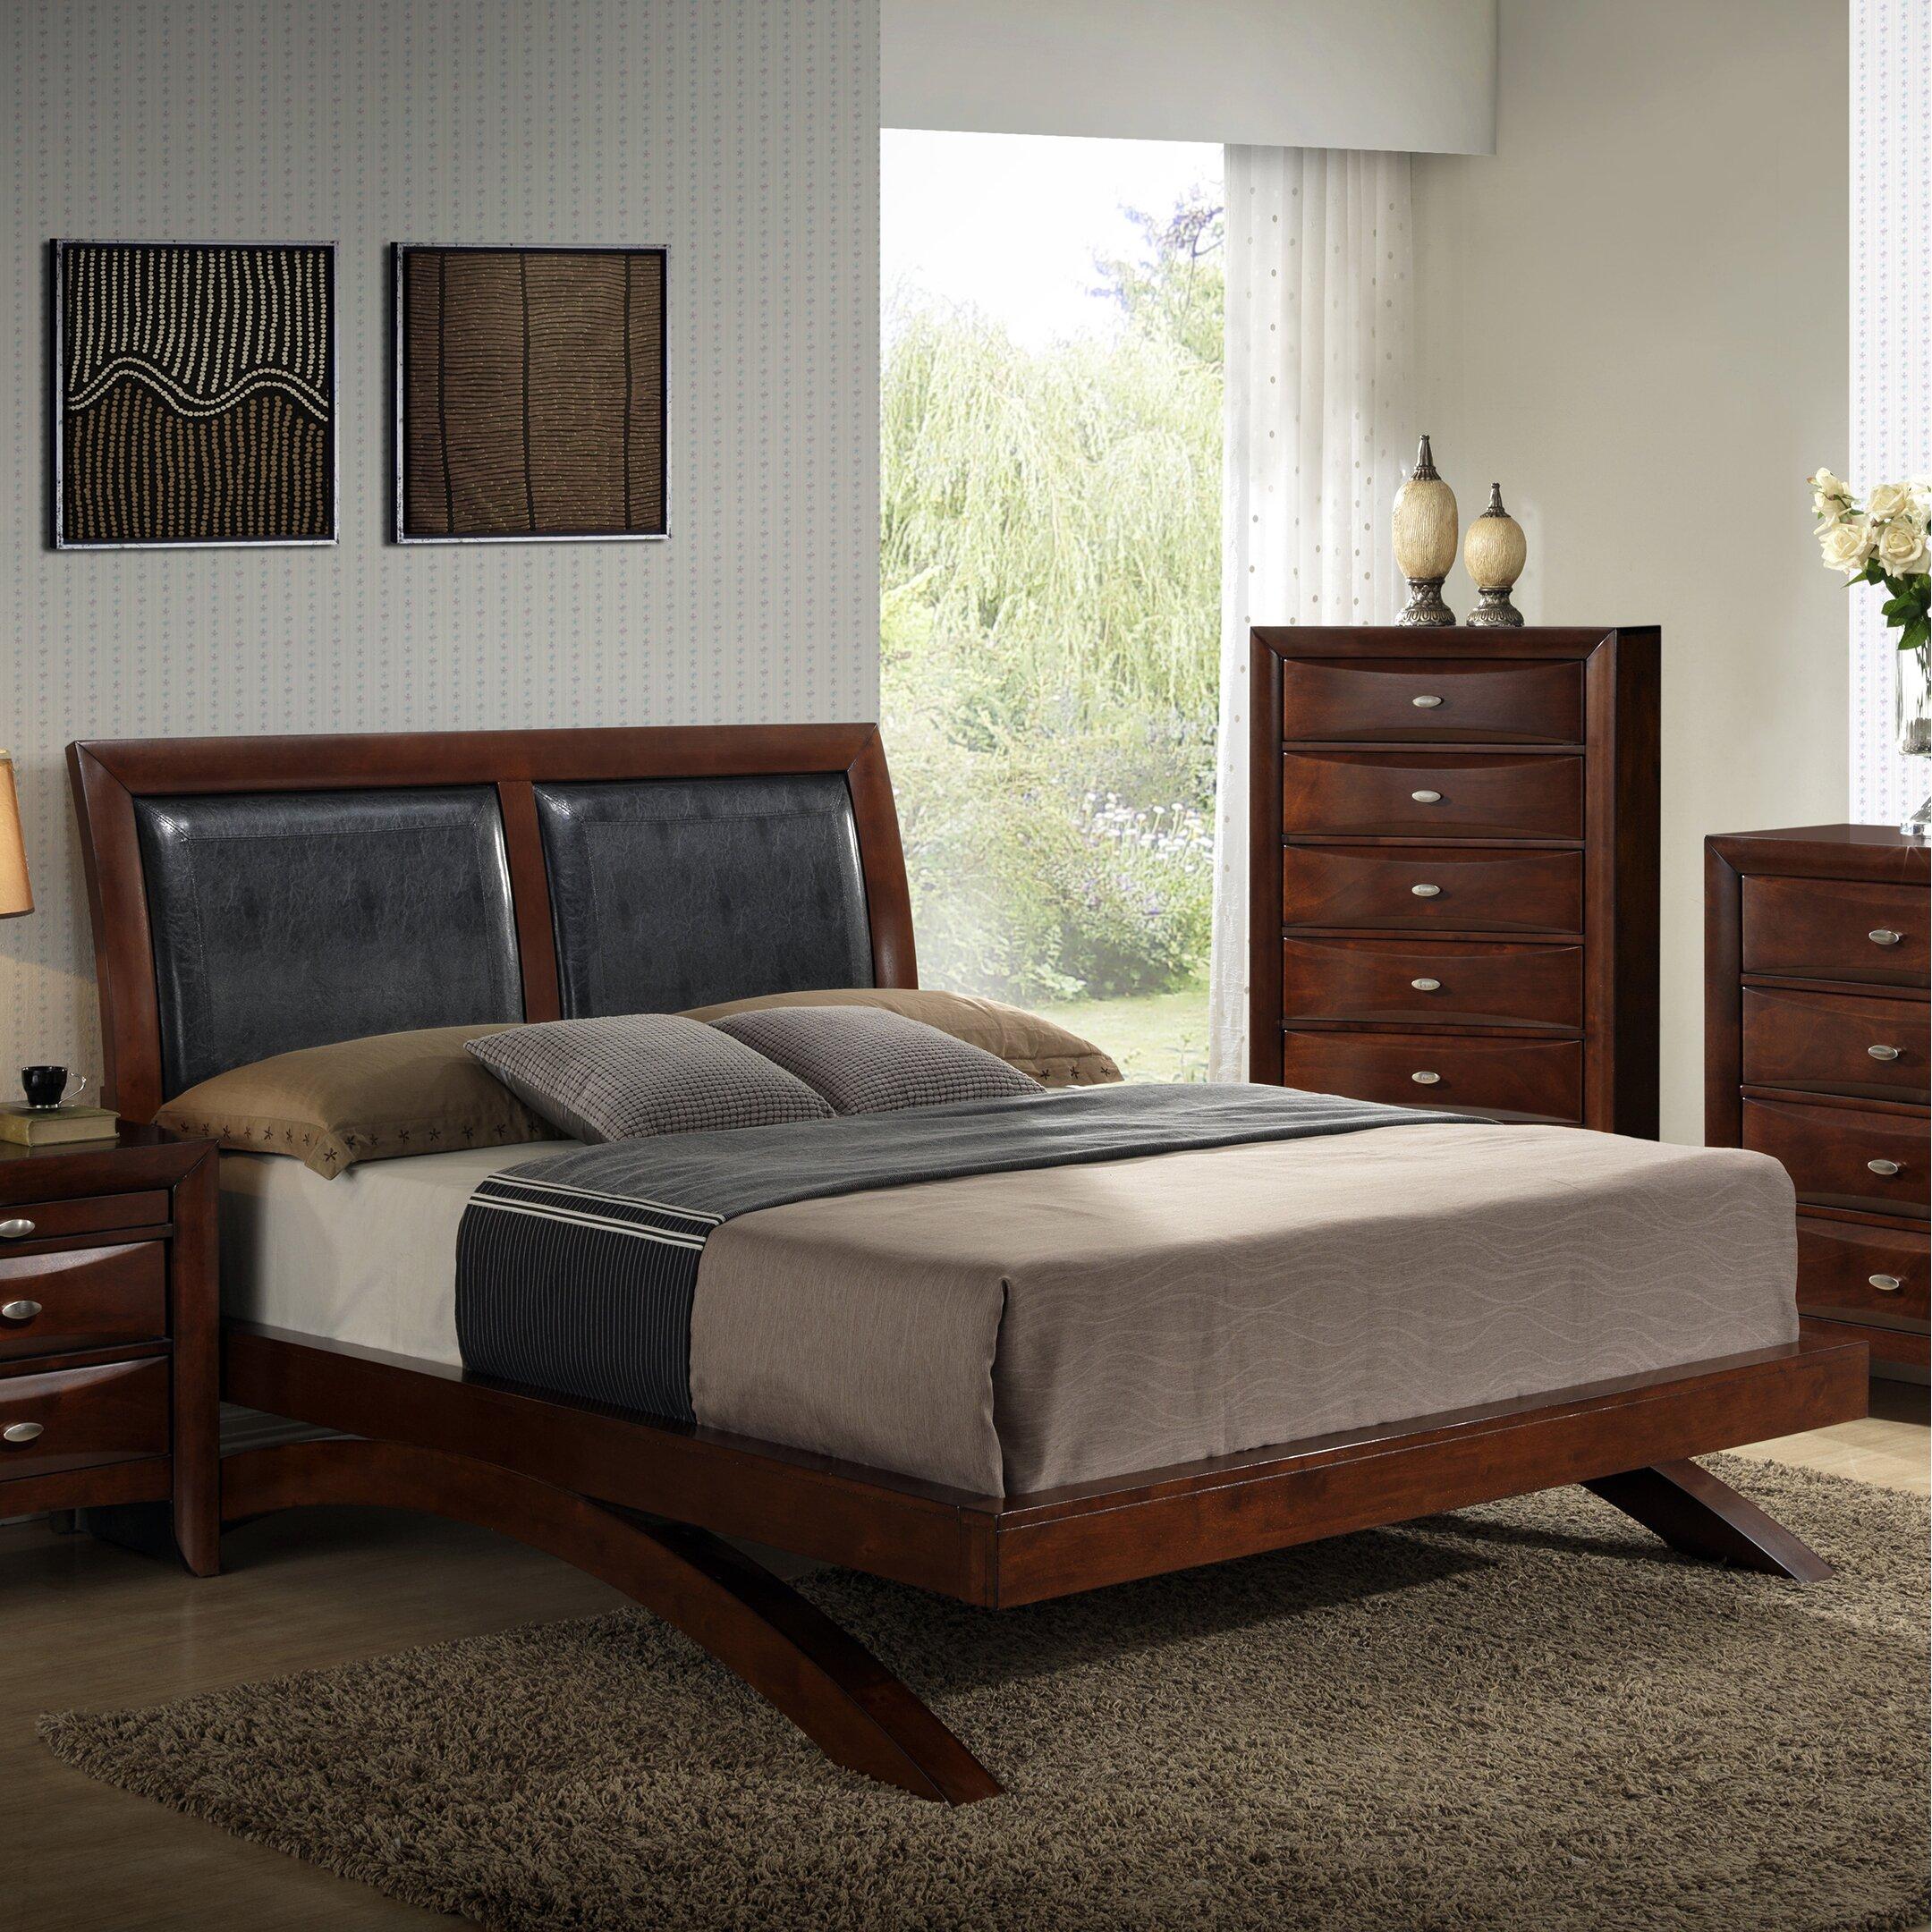 roundhill furniture emily upholstered storage platform bed wayfair. Black Bedroom Furniture Sets. Home Design Ideas